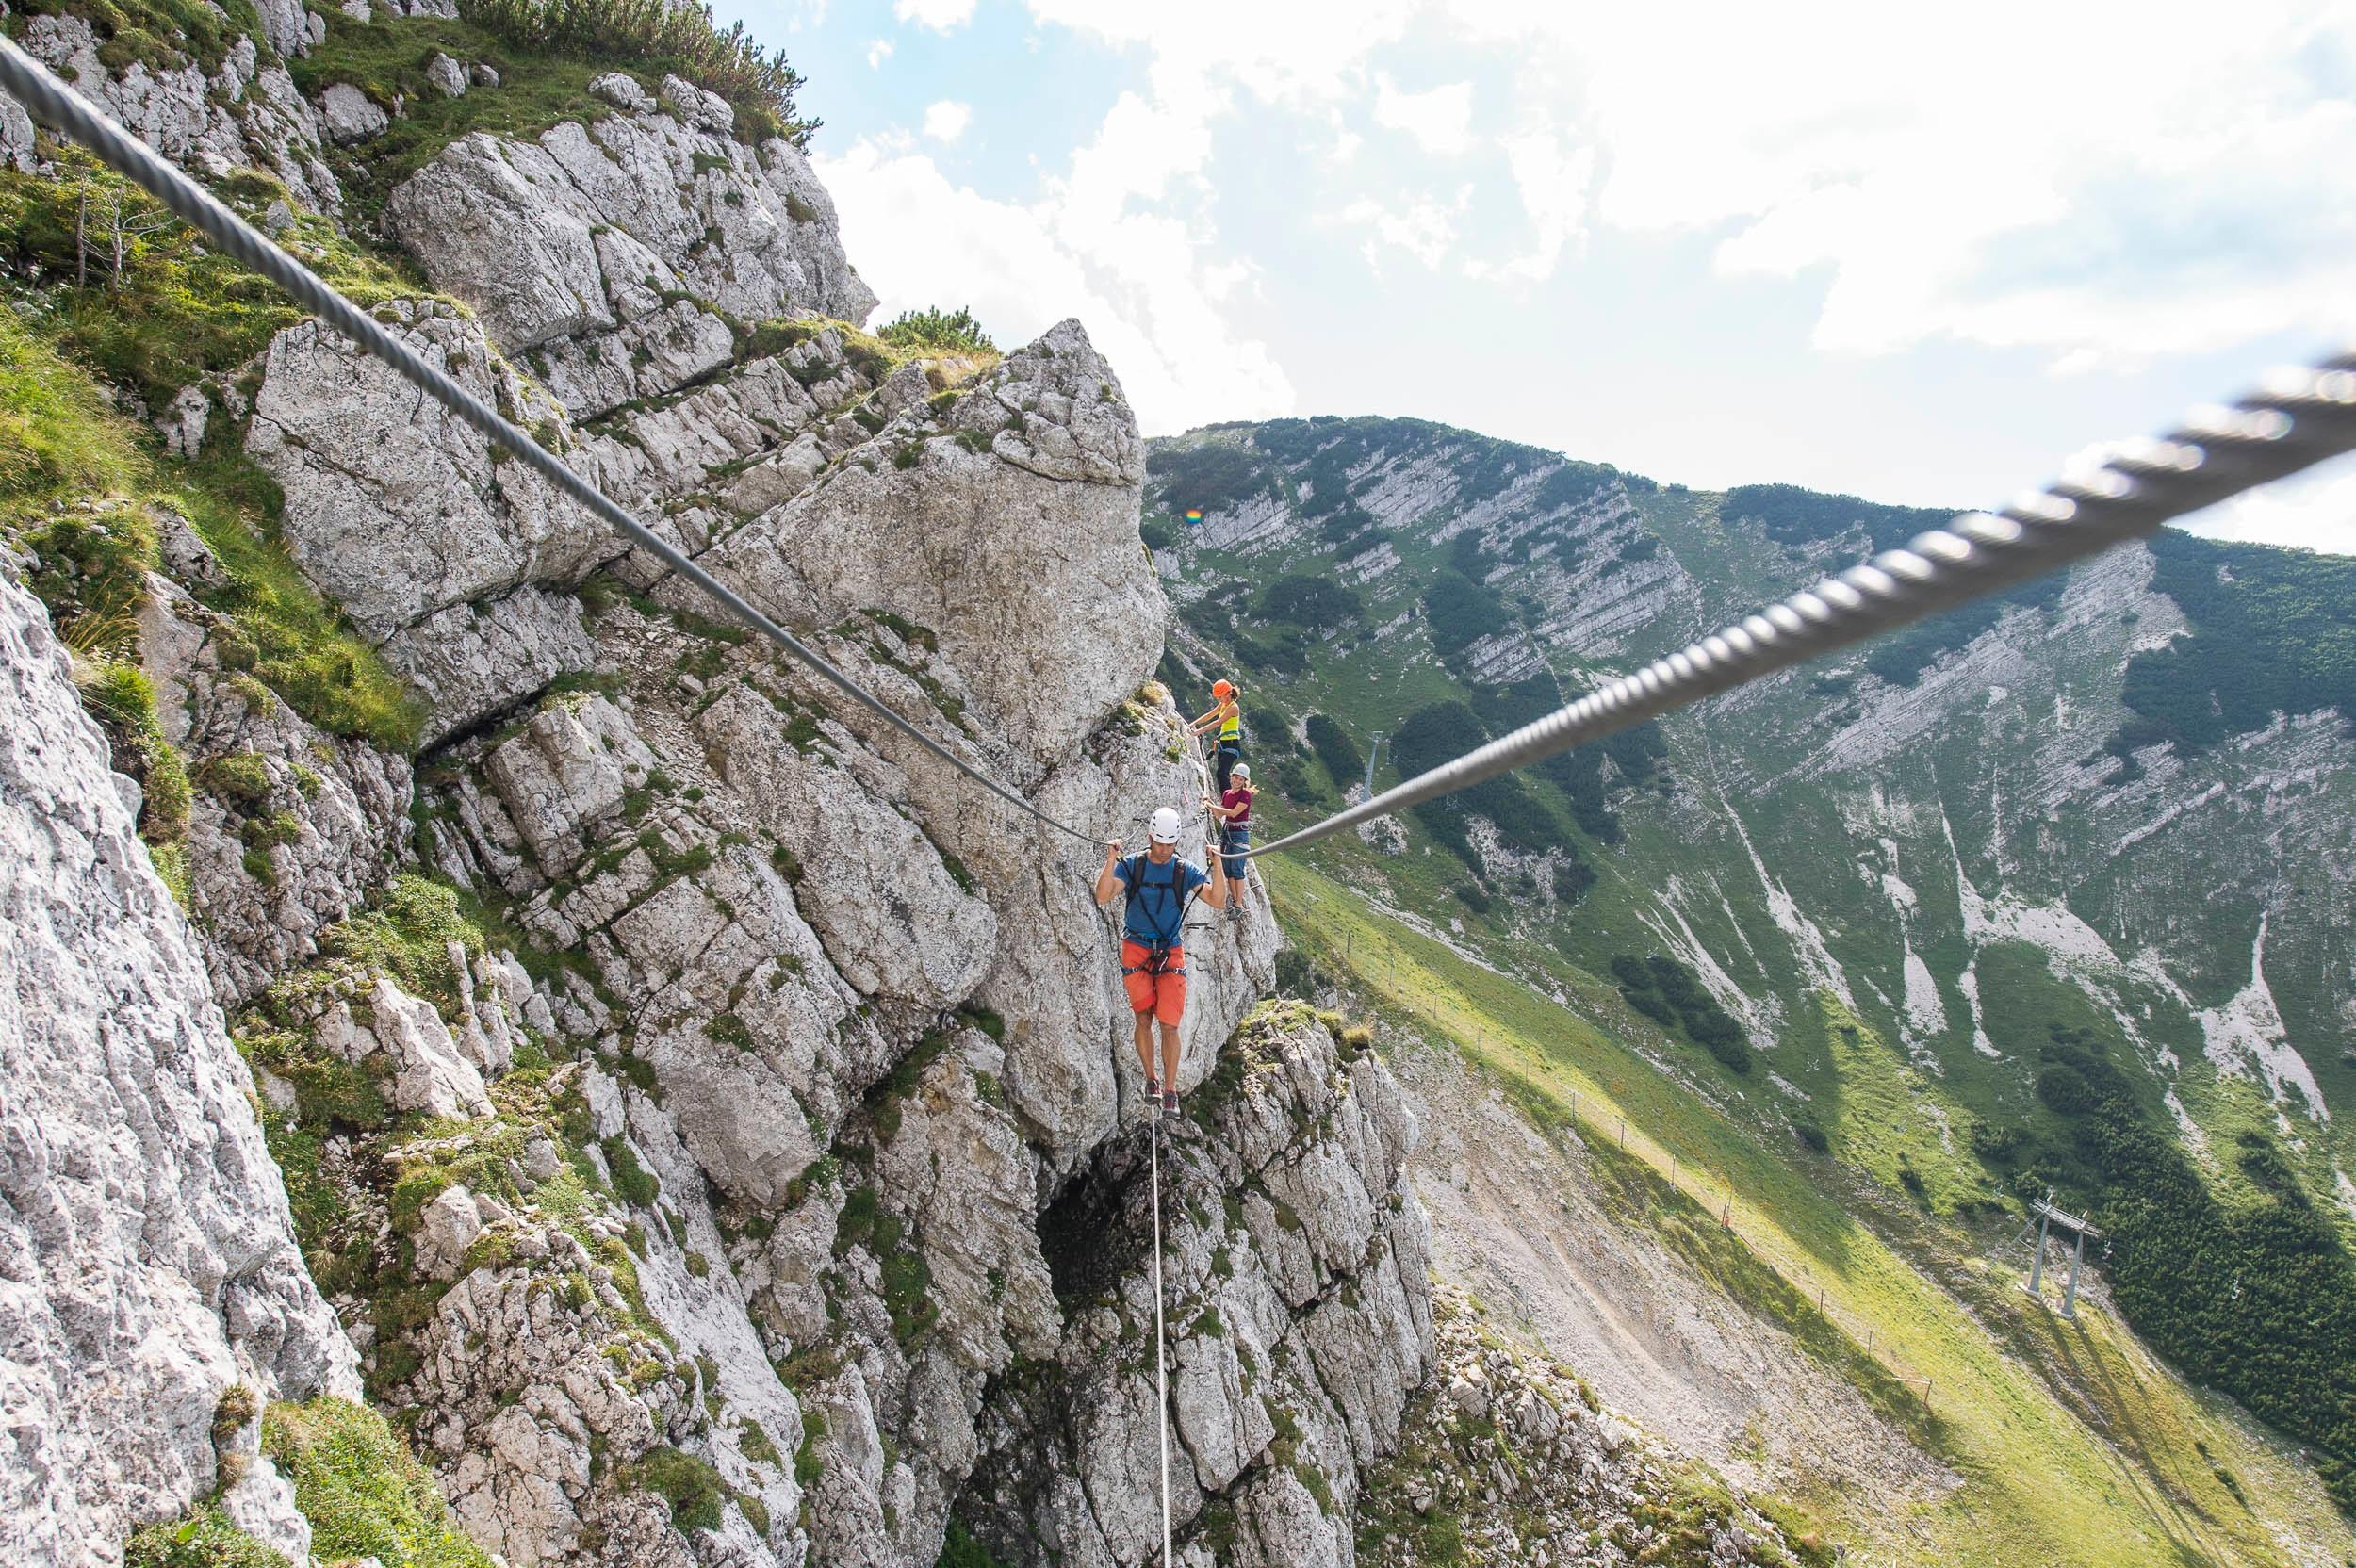 Klettersteig Kinder : Kinder auf dem klettersteig bilder tibs at